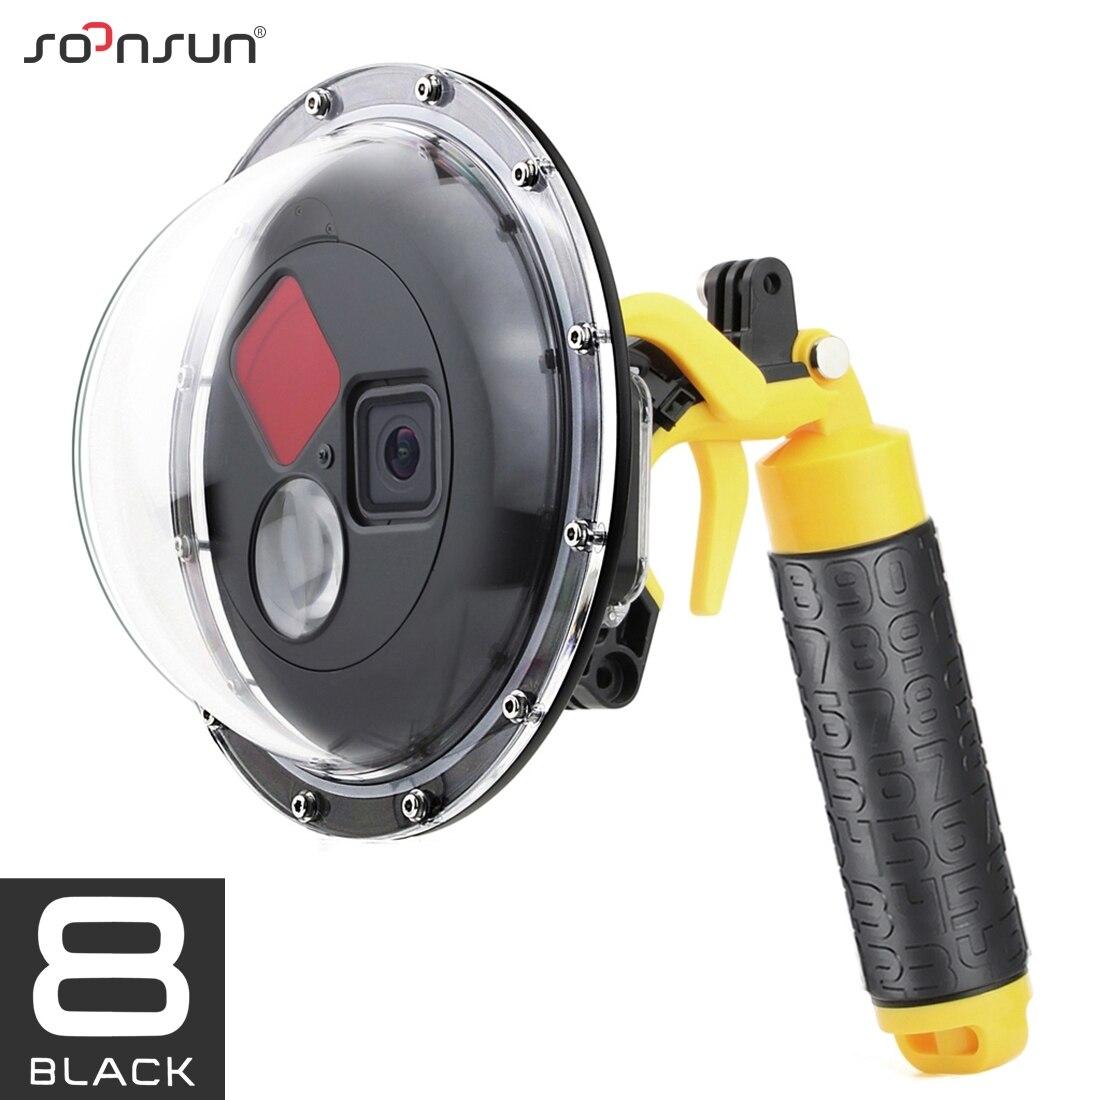 SOONSUN 45 м фильтр для дайвинга переключаемый купольный порт водонепроницаемый корпус чехол с триггером для GoPro Hero 8 Black Go Pro 8 аксессуары